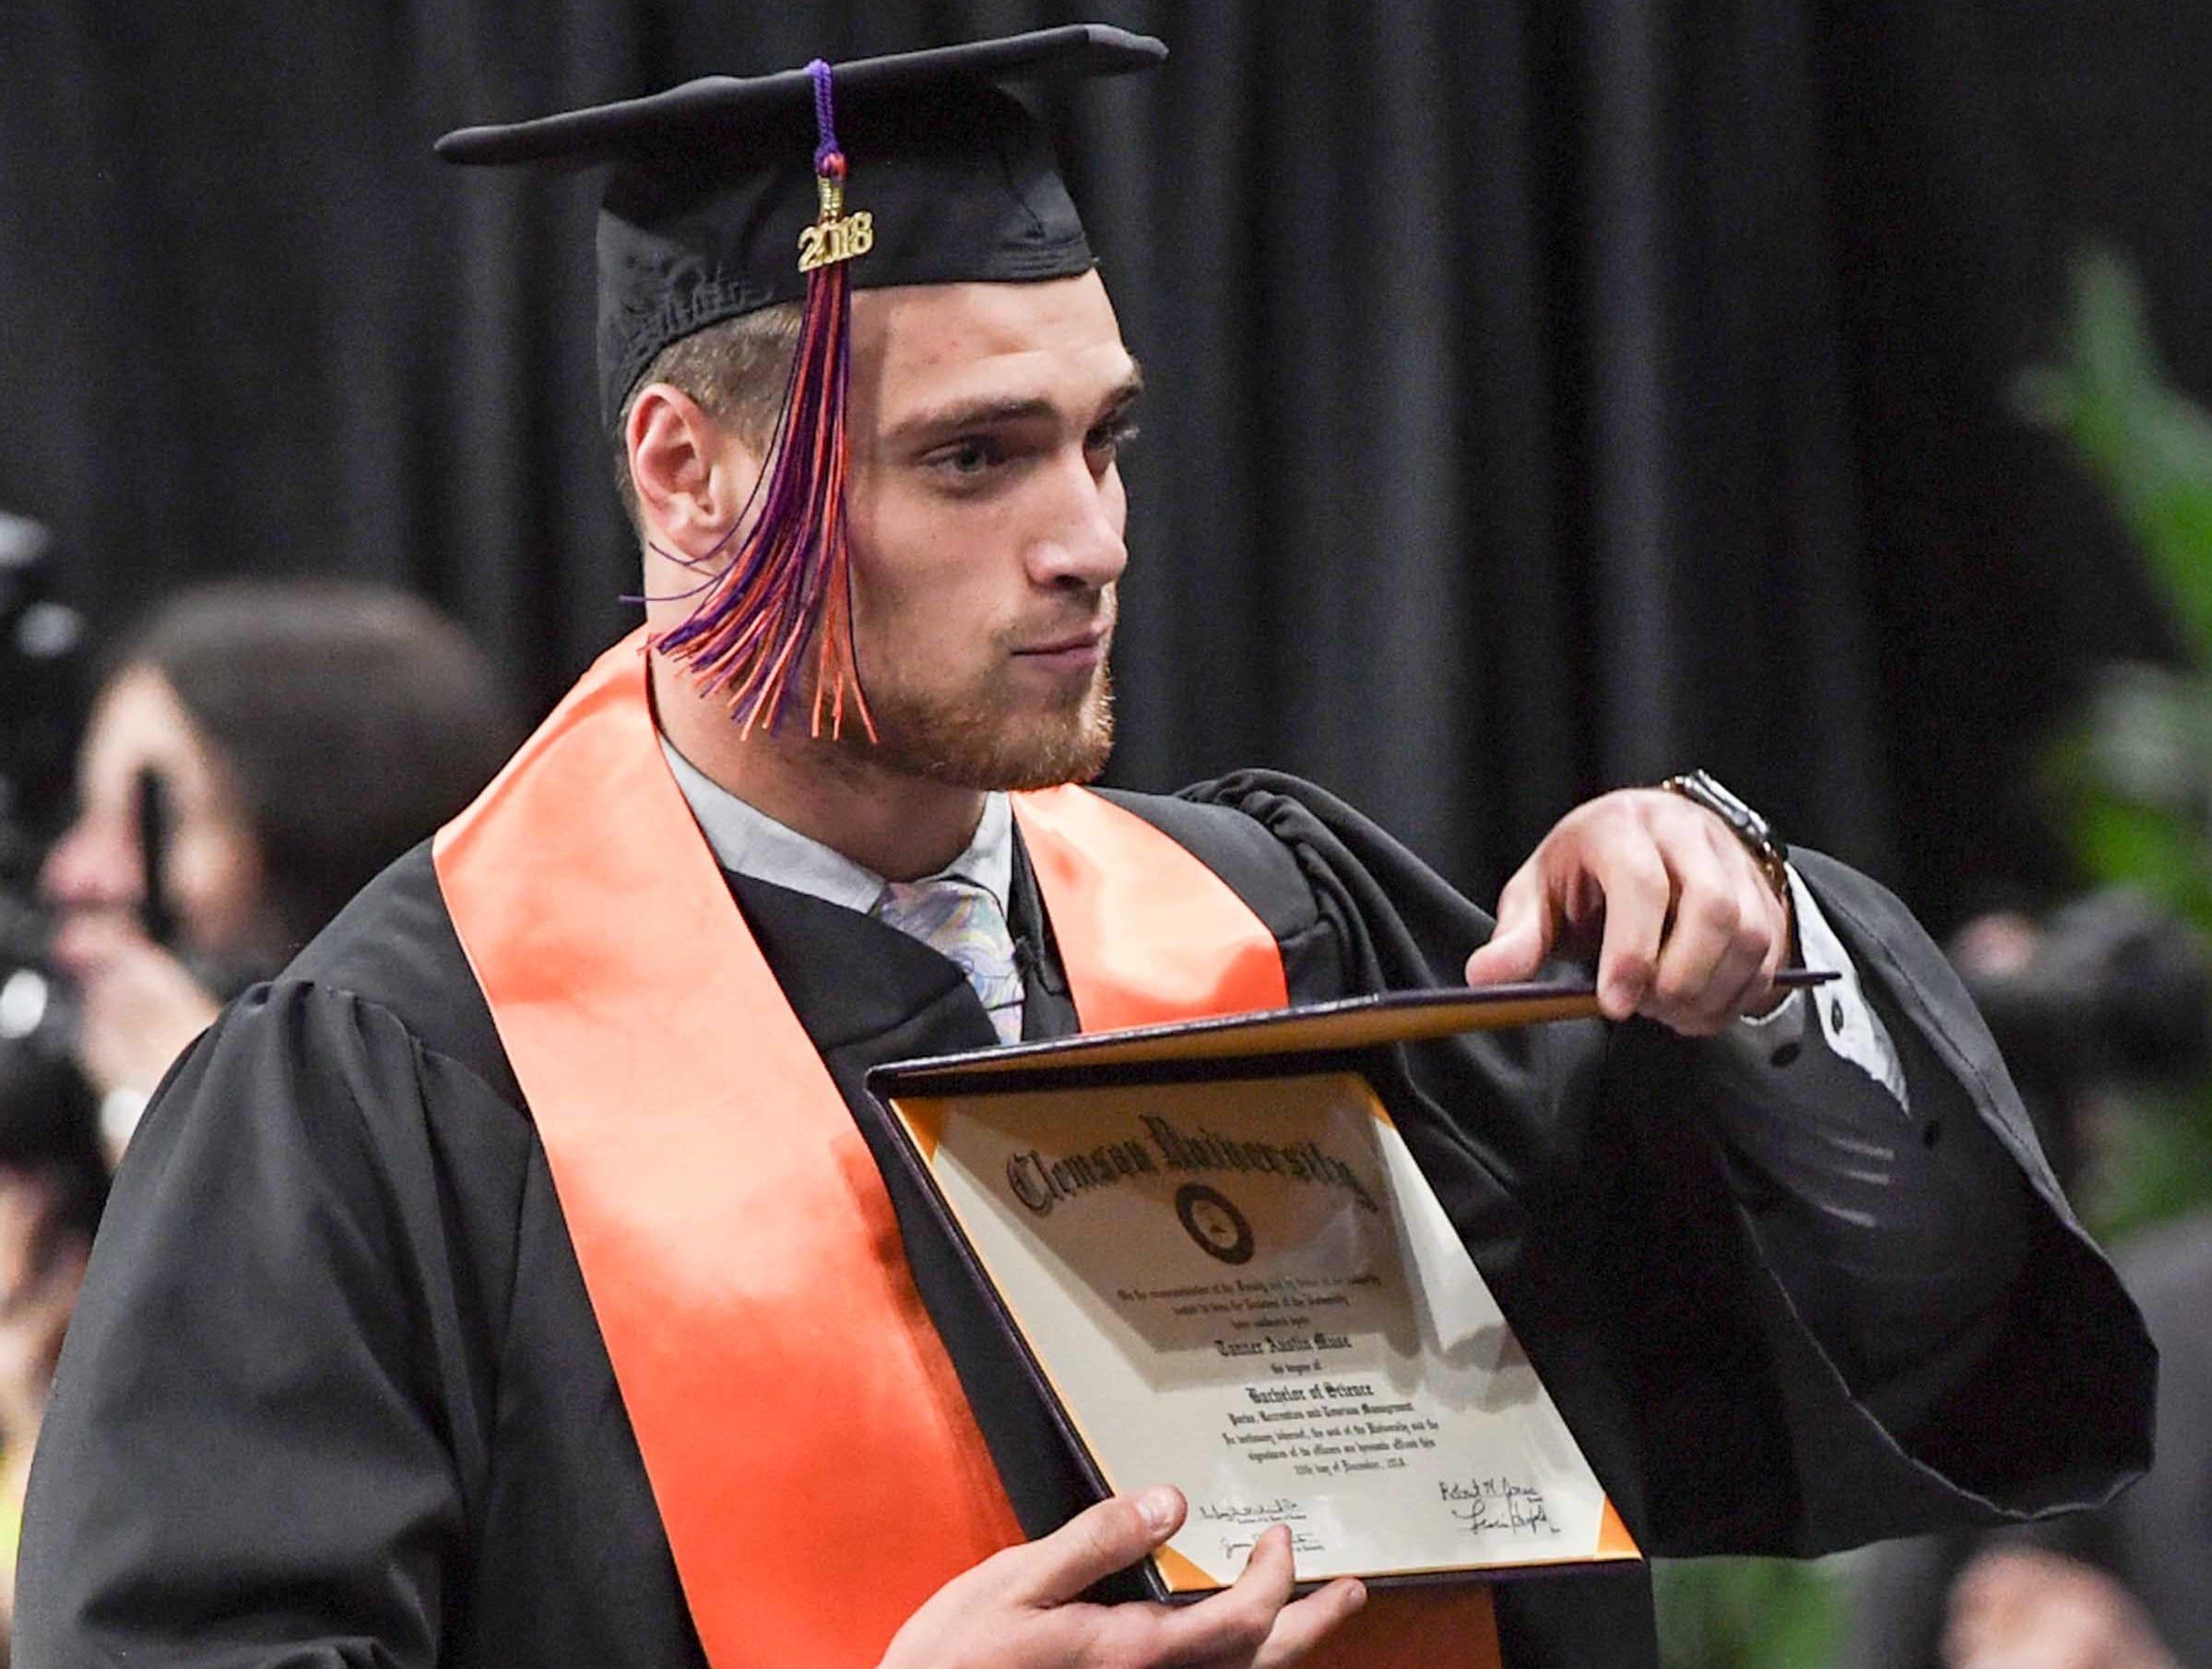 Clemson defensive back Tanner Muse during Clemson University graduation ceremony Thursday morning in Littlejohn Coliseum in Clemson.